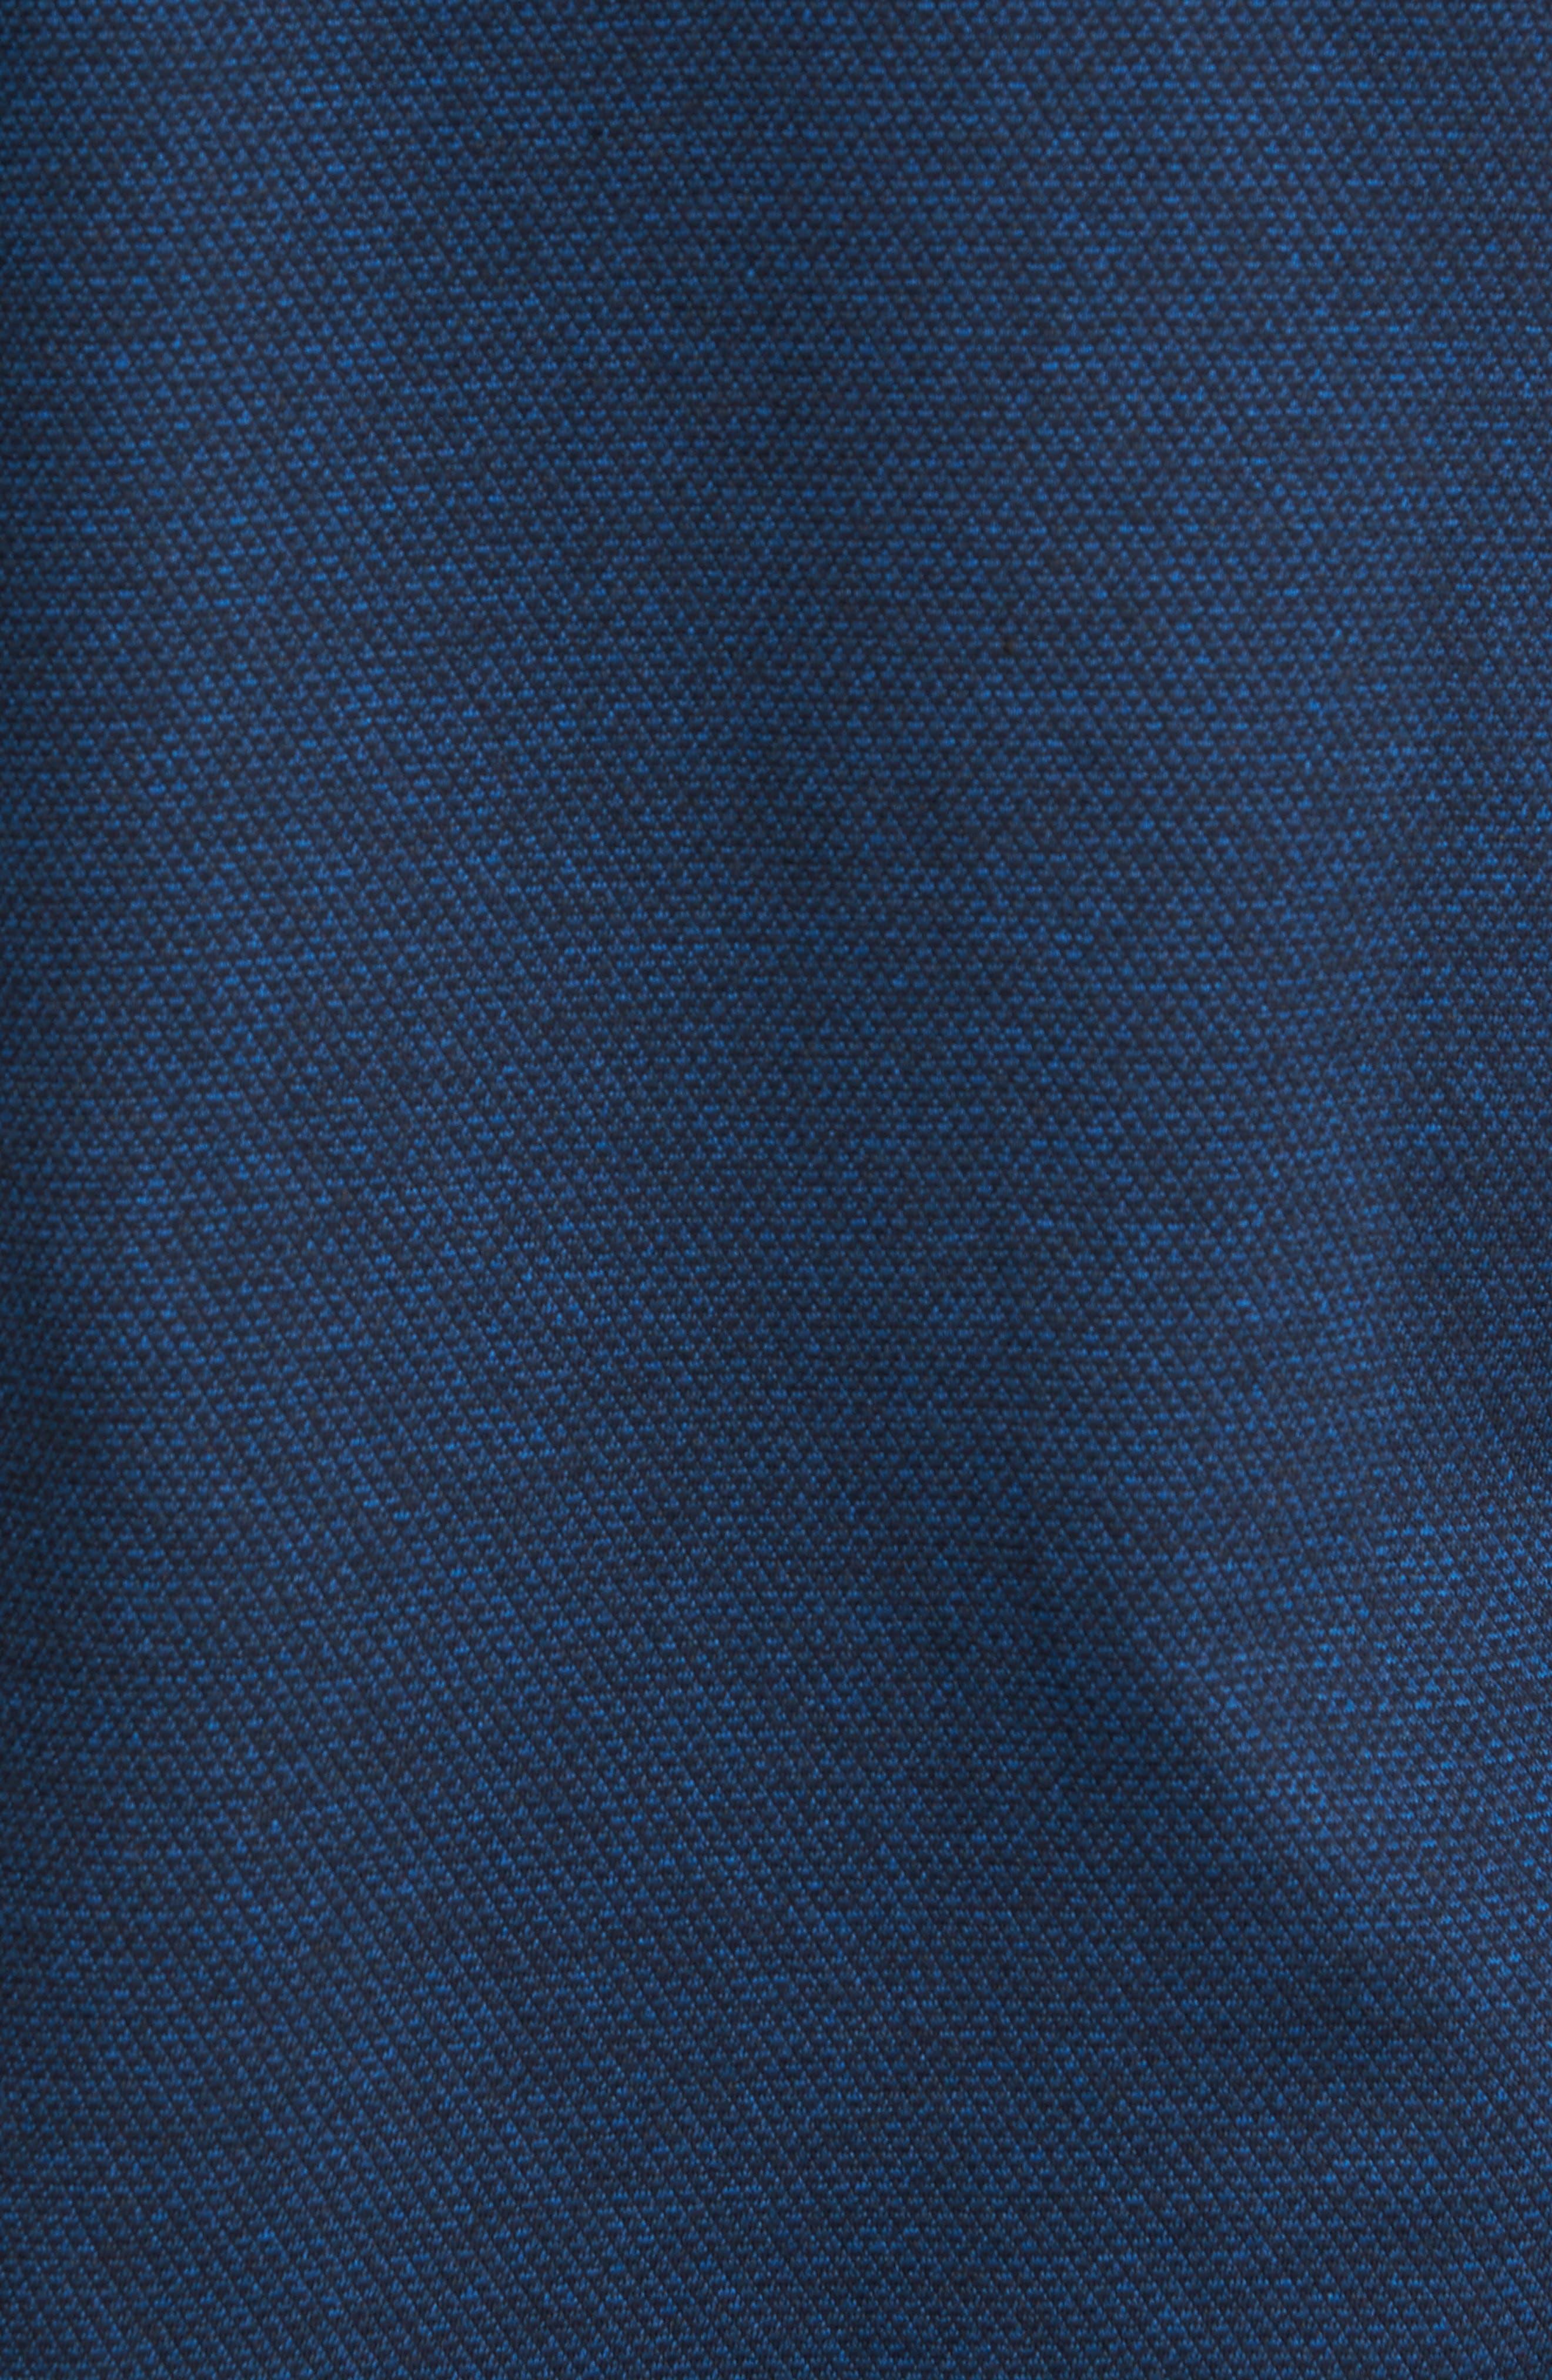 Slim Fit Diamond Jacquard Knit Sport Shirt,                             Alternate thumbnail 5, color,                             Navy